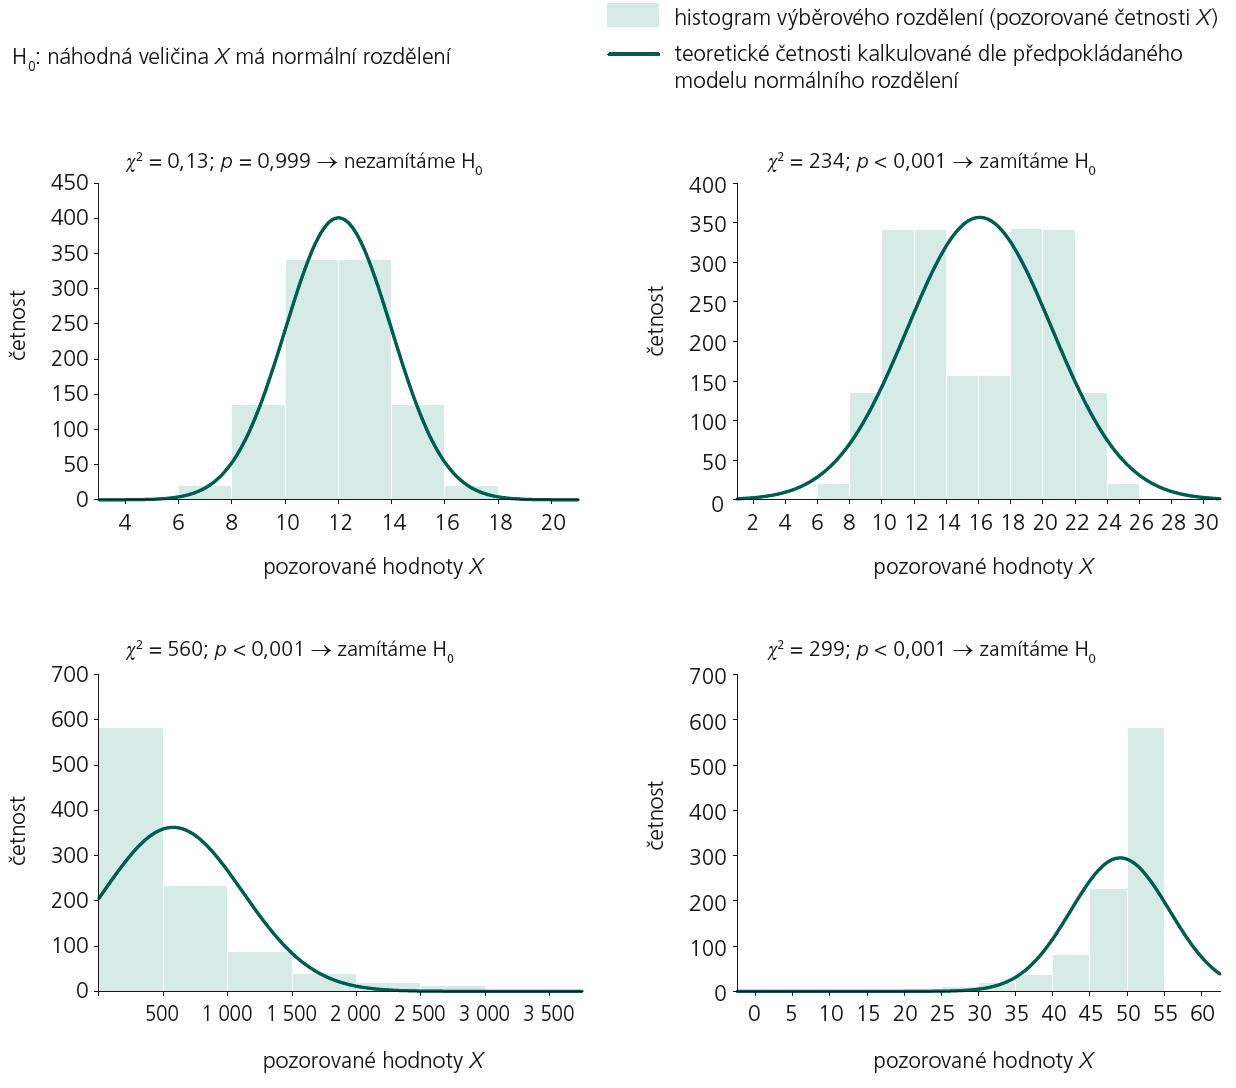 Hodnocení normality výběrového rozdělení náhodné veličiny X pomocí testu dobré shody – příklady různých výsledků.